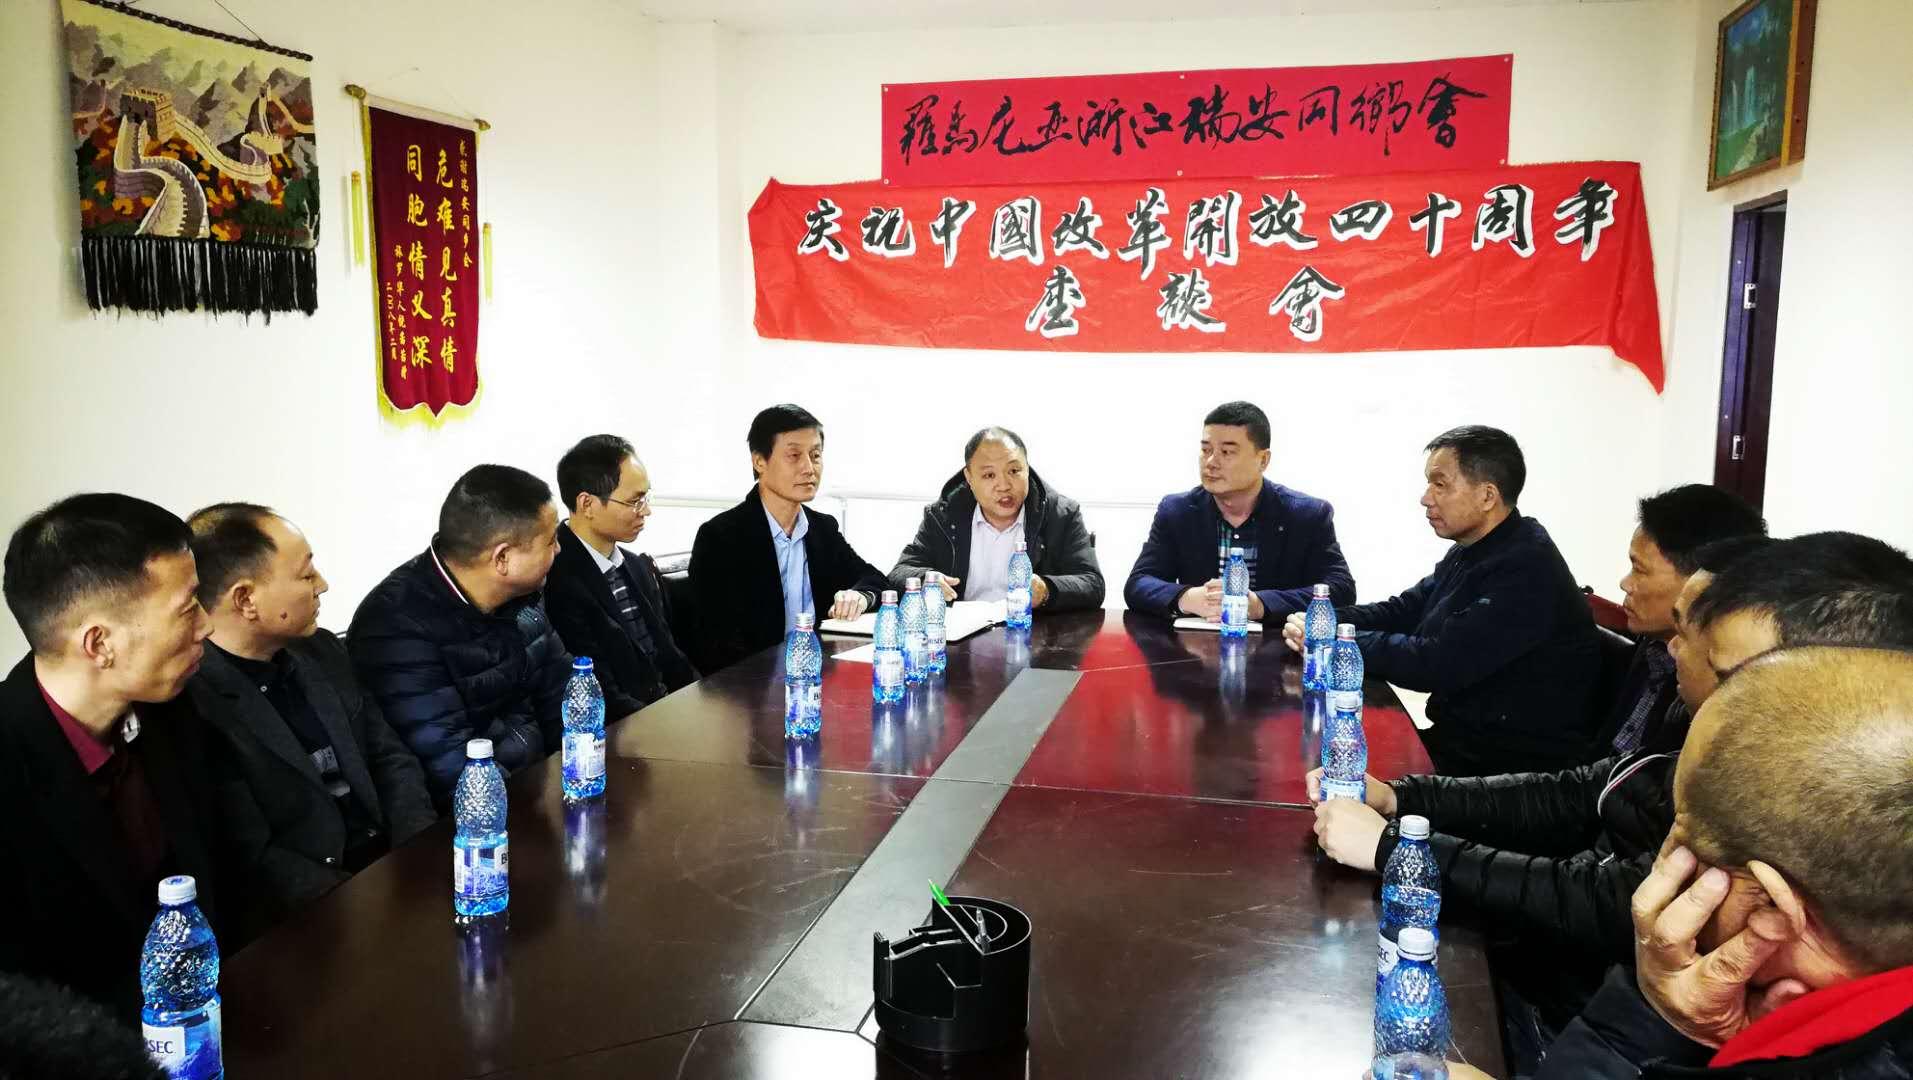 专访:尼泊尔积极拥抱中国机遇——访尼泊尔知名学者尤巴拉杰